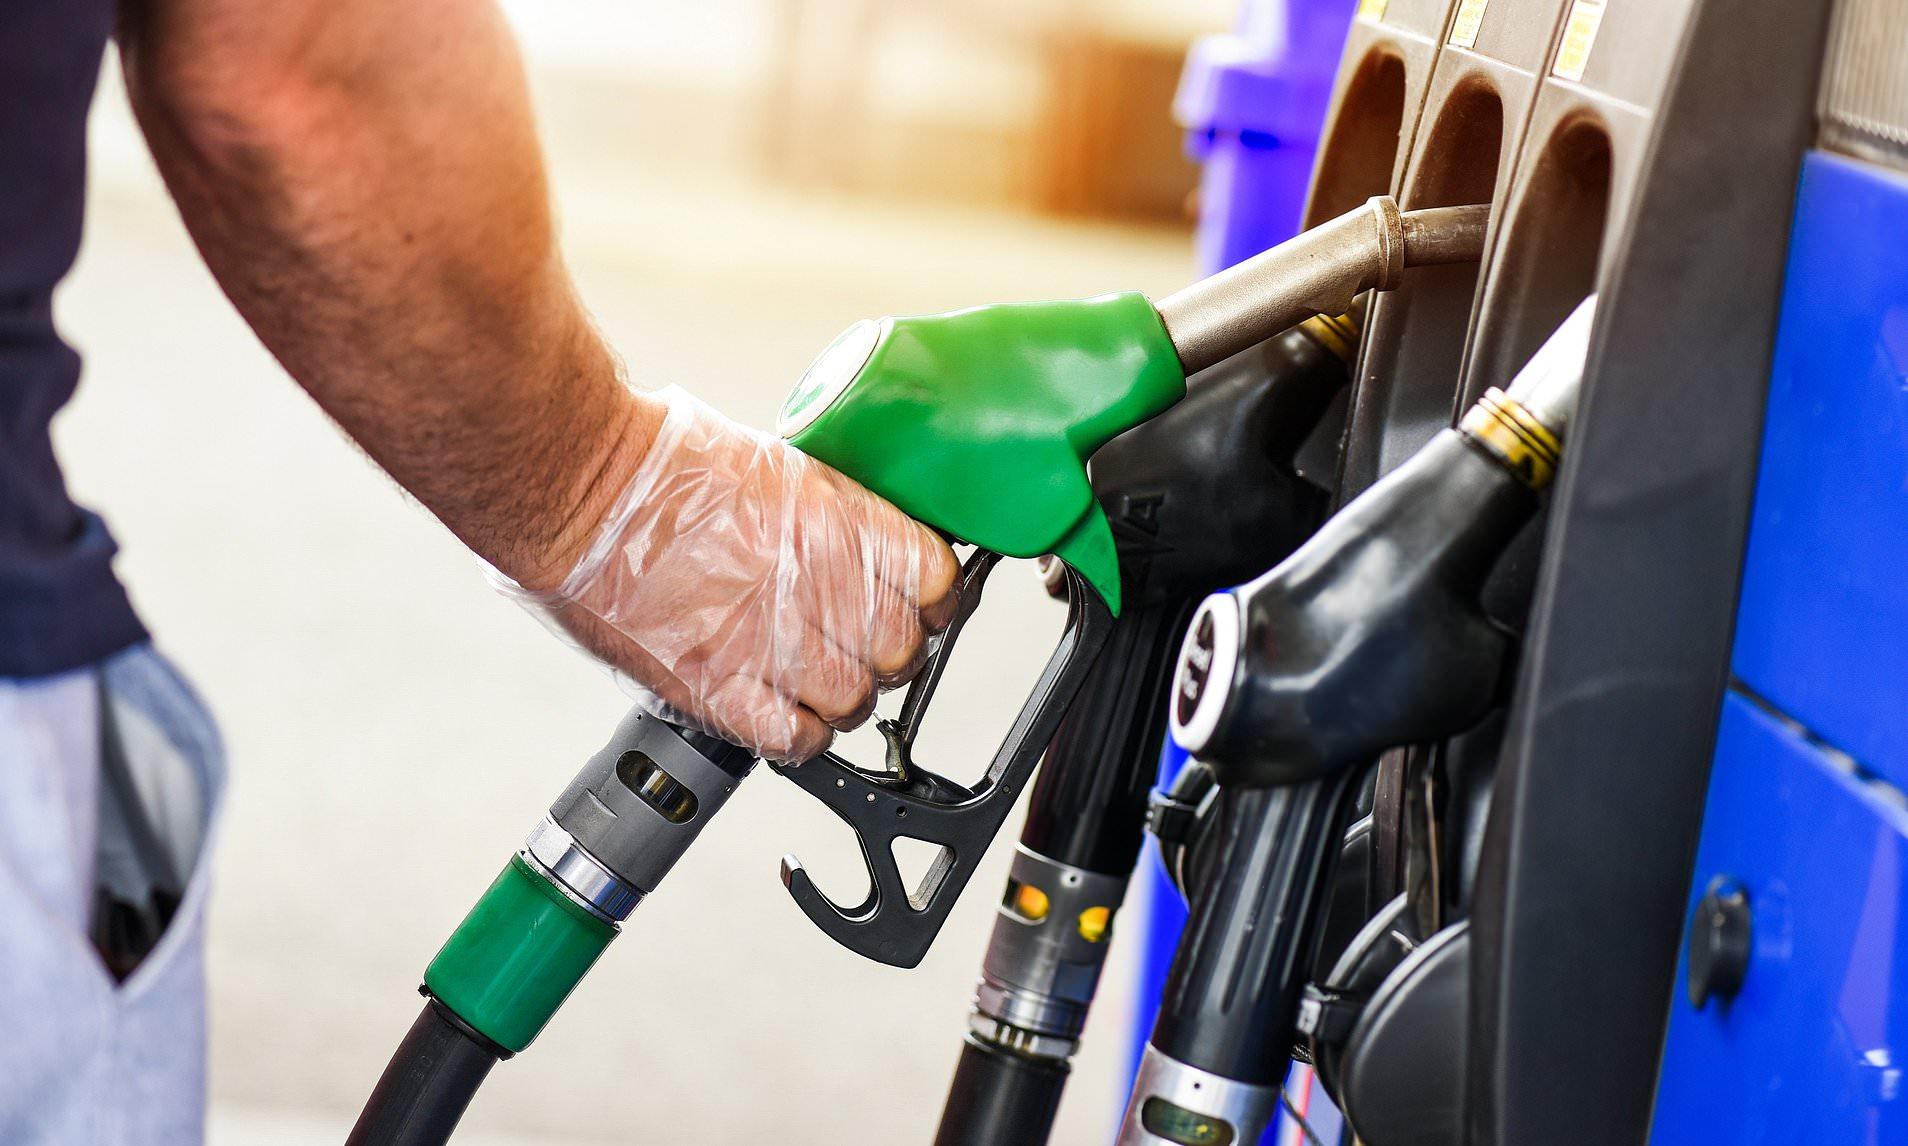 Giá xăng dầu hôm nay 19/7: Lao dốc sau khi OPEC+ đạt được thoả thuận nguồn cung